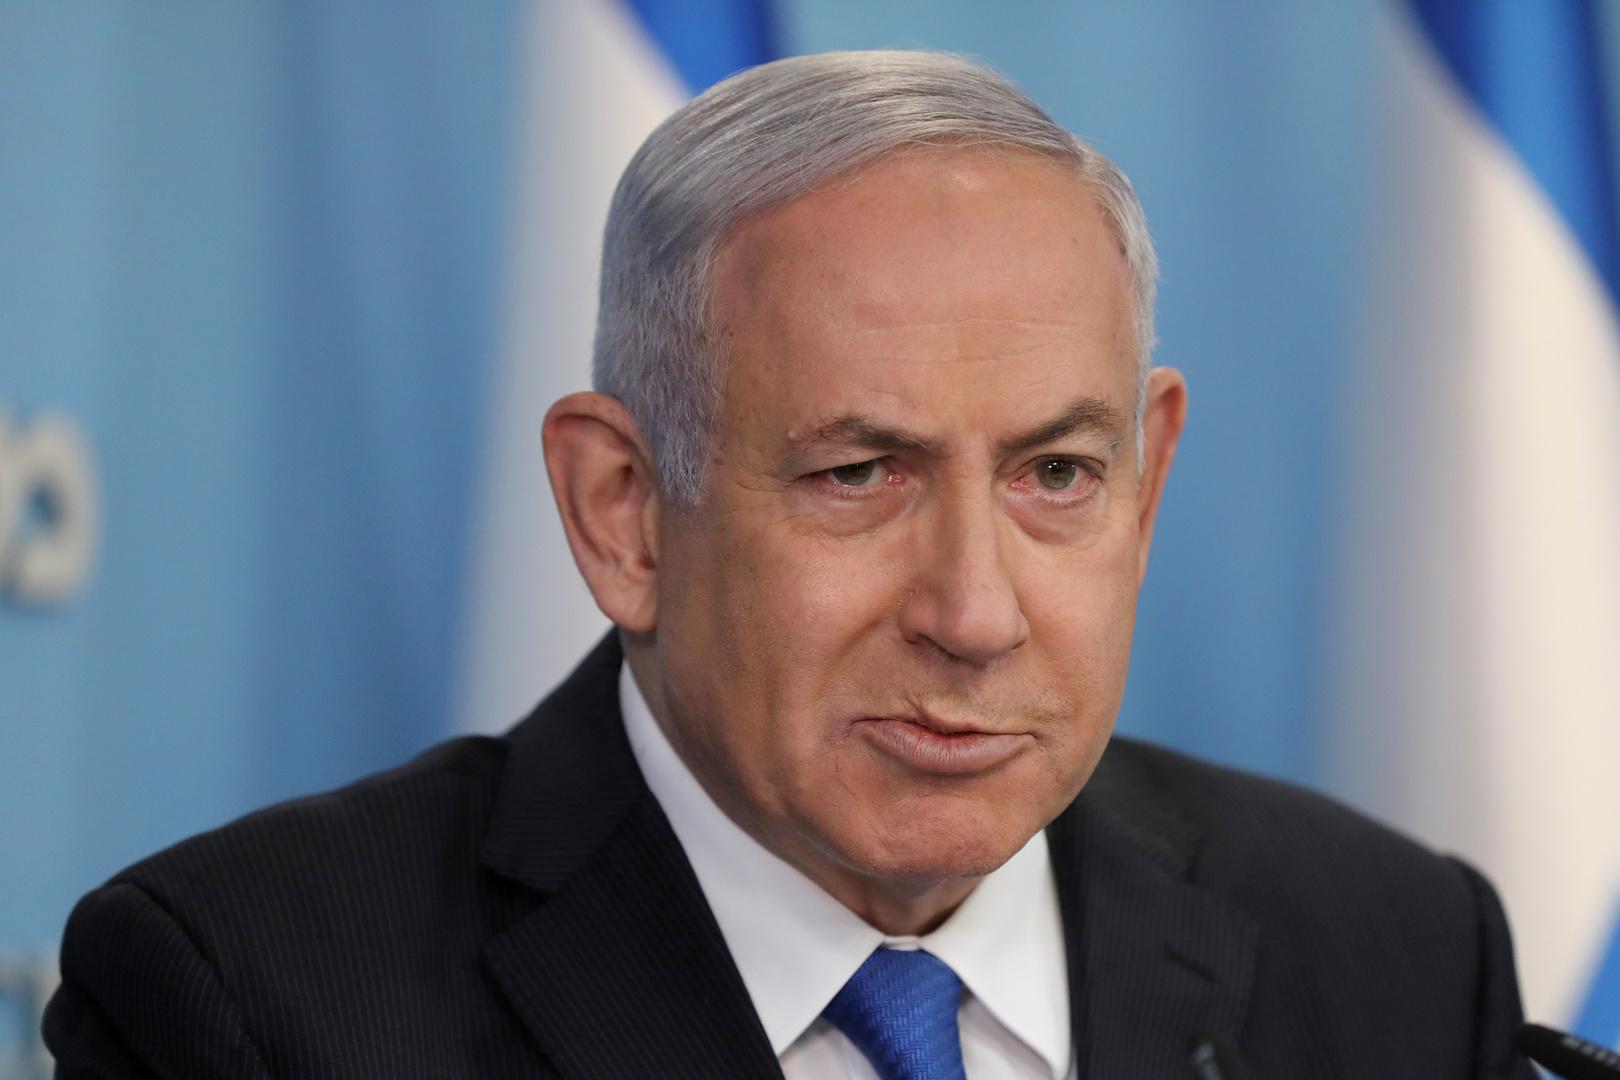 عراقجي: لا يمكن لإسرائيل اتهام طهران بحيازة السلاح النووي وهي تمتلكه منذ سنوات